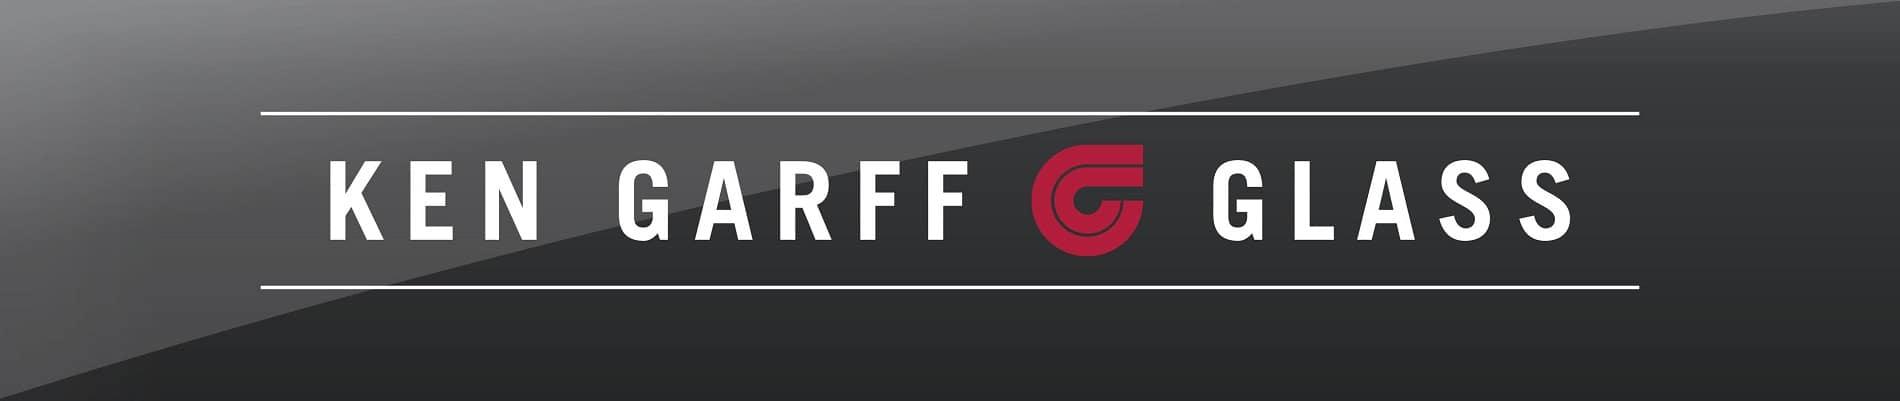 Ken Garff Glass